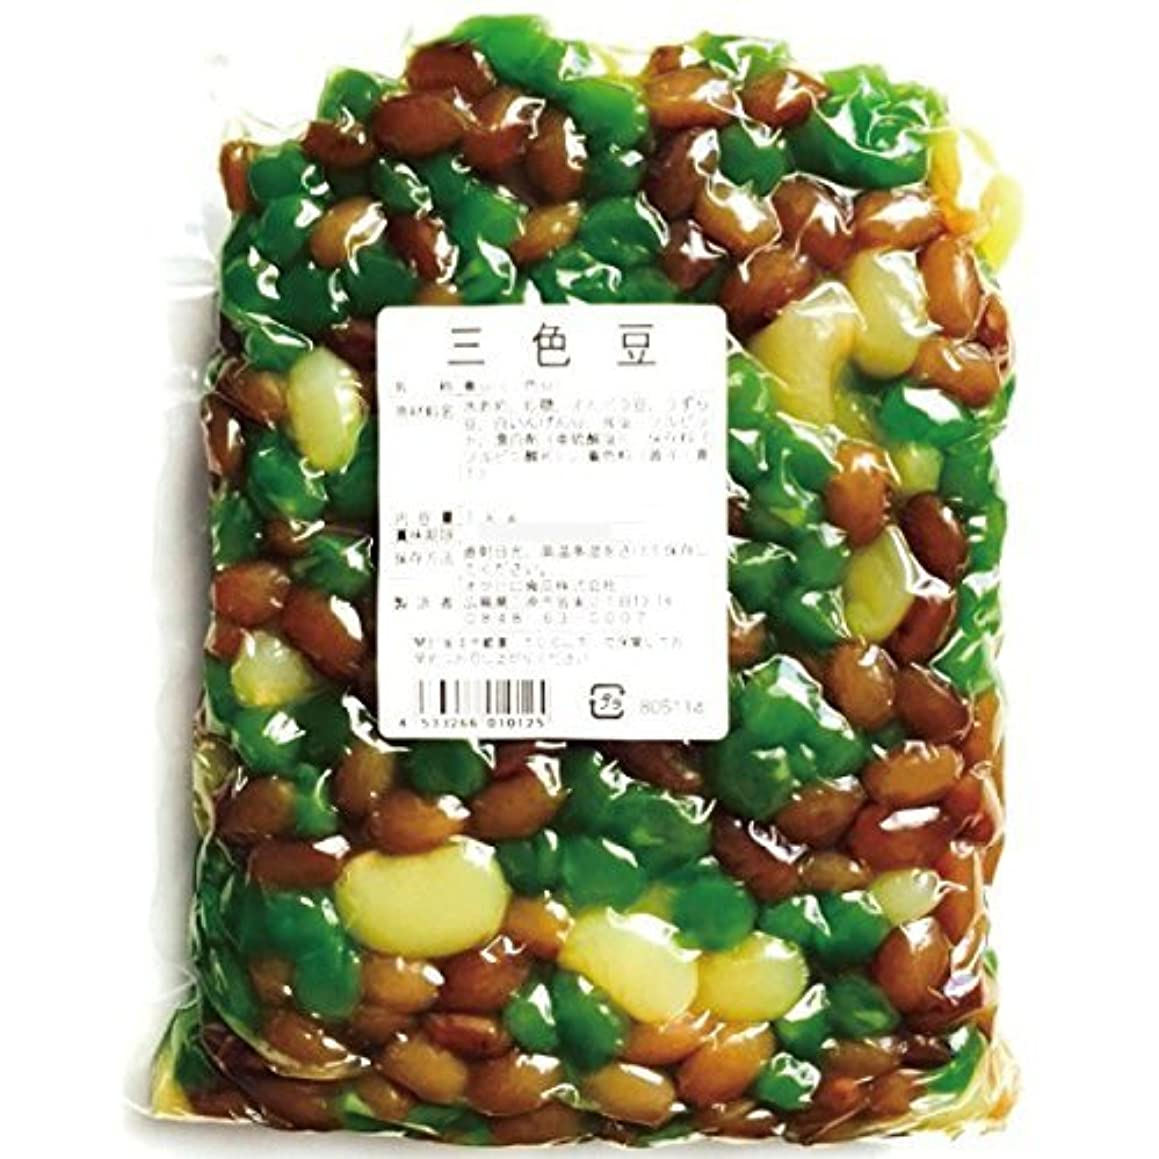 カウントニュース心配するオクヒロ食品 煮豆(三色豆) 1kg